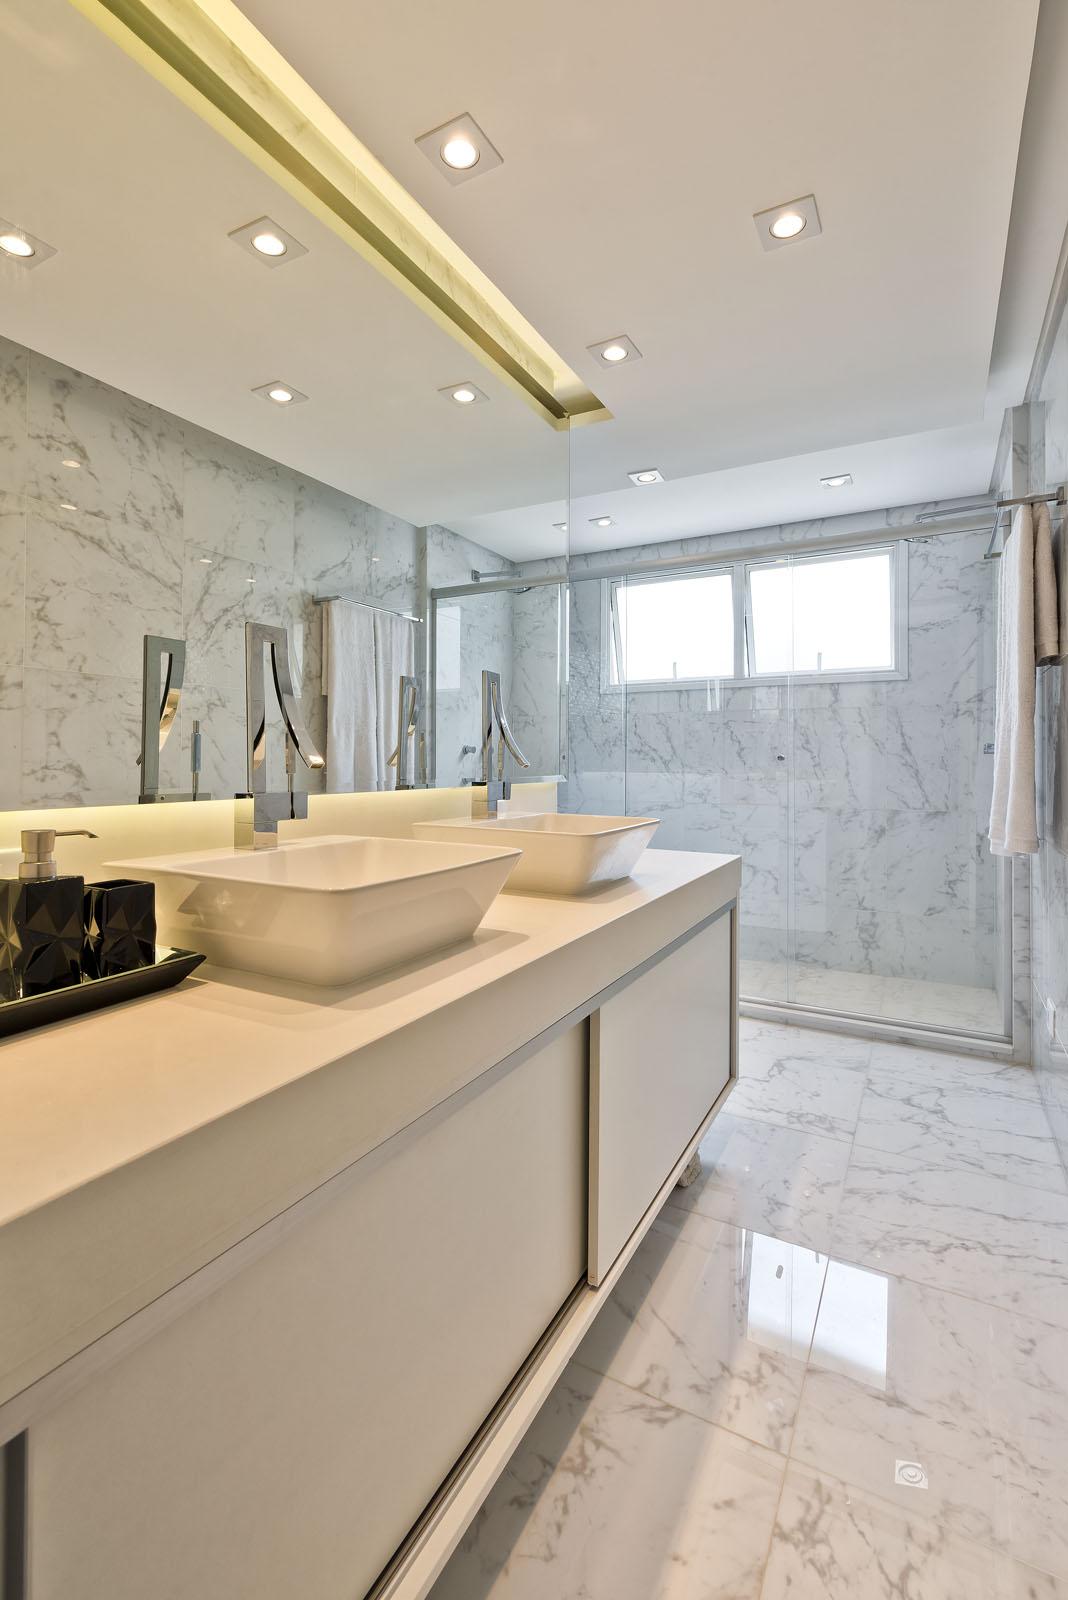 sutileza cada item e garantem aconchego e atrativo ao espaço #817147 1068x1600 Banheiro Arquitetura E Construção